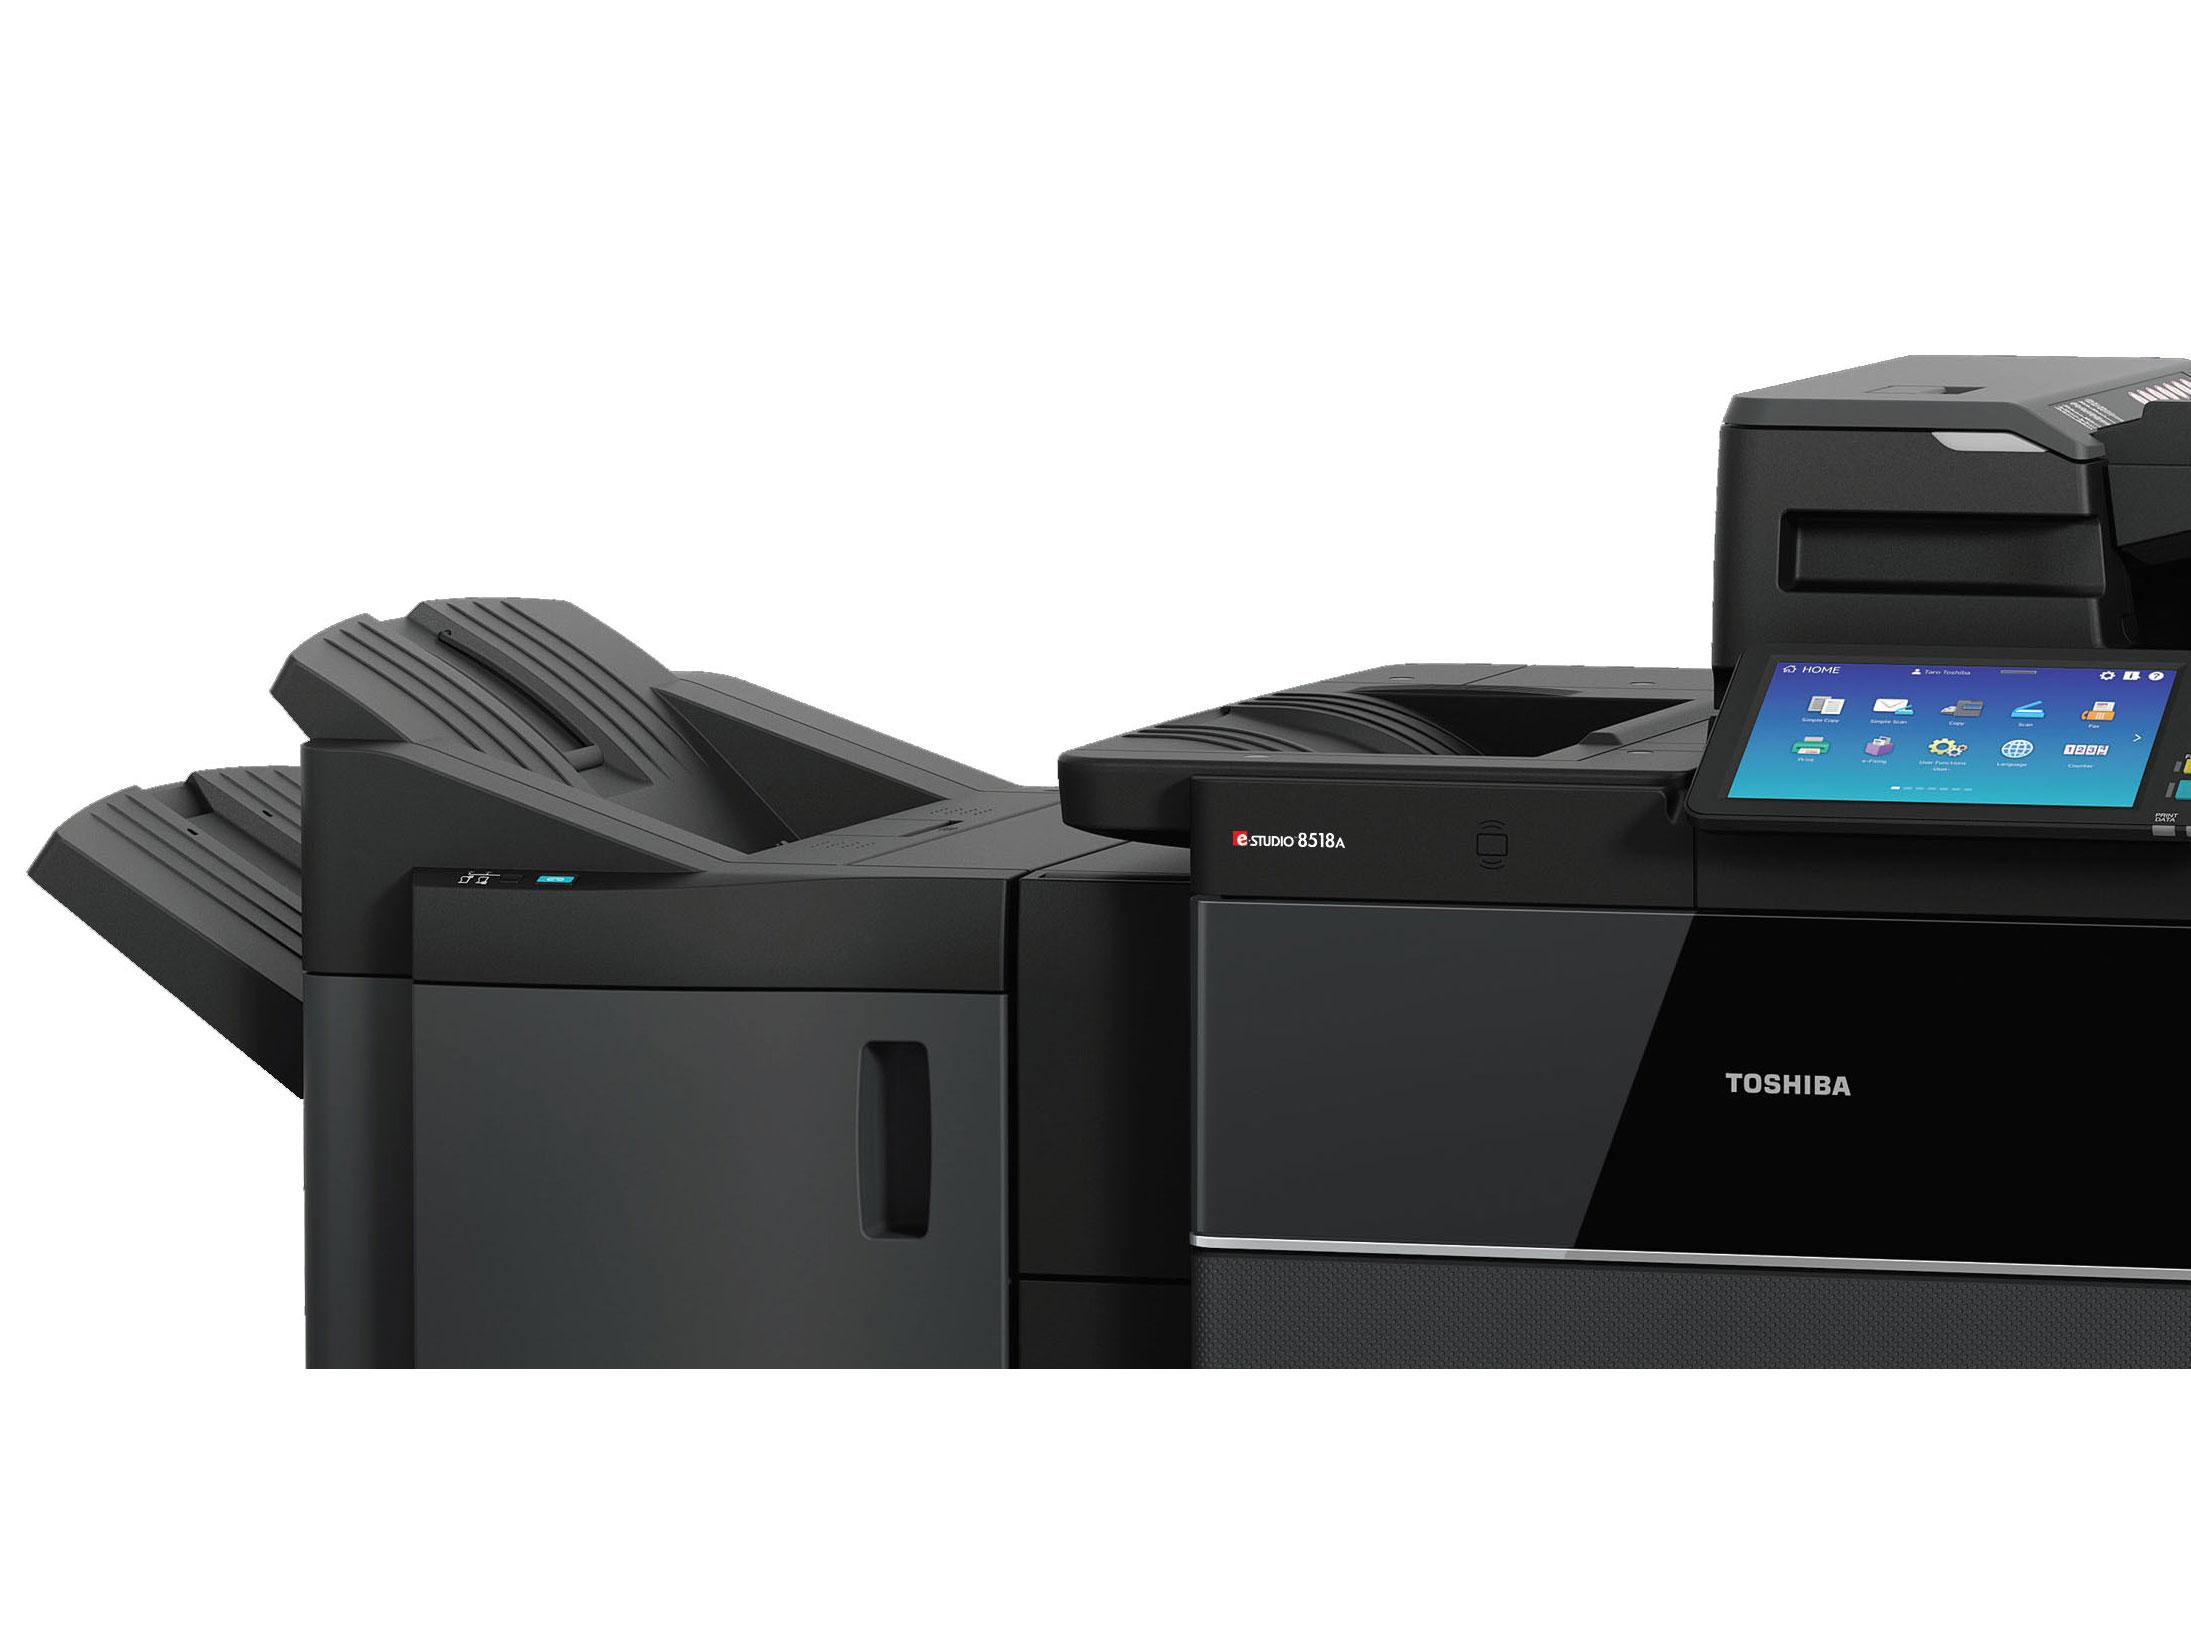 Fotocopiadora e-STUDIO 6518A usada